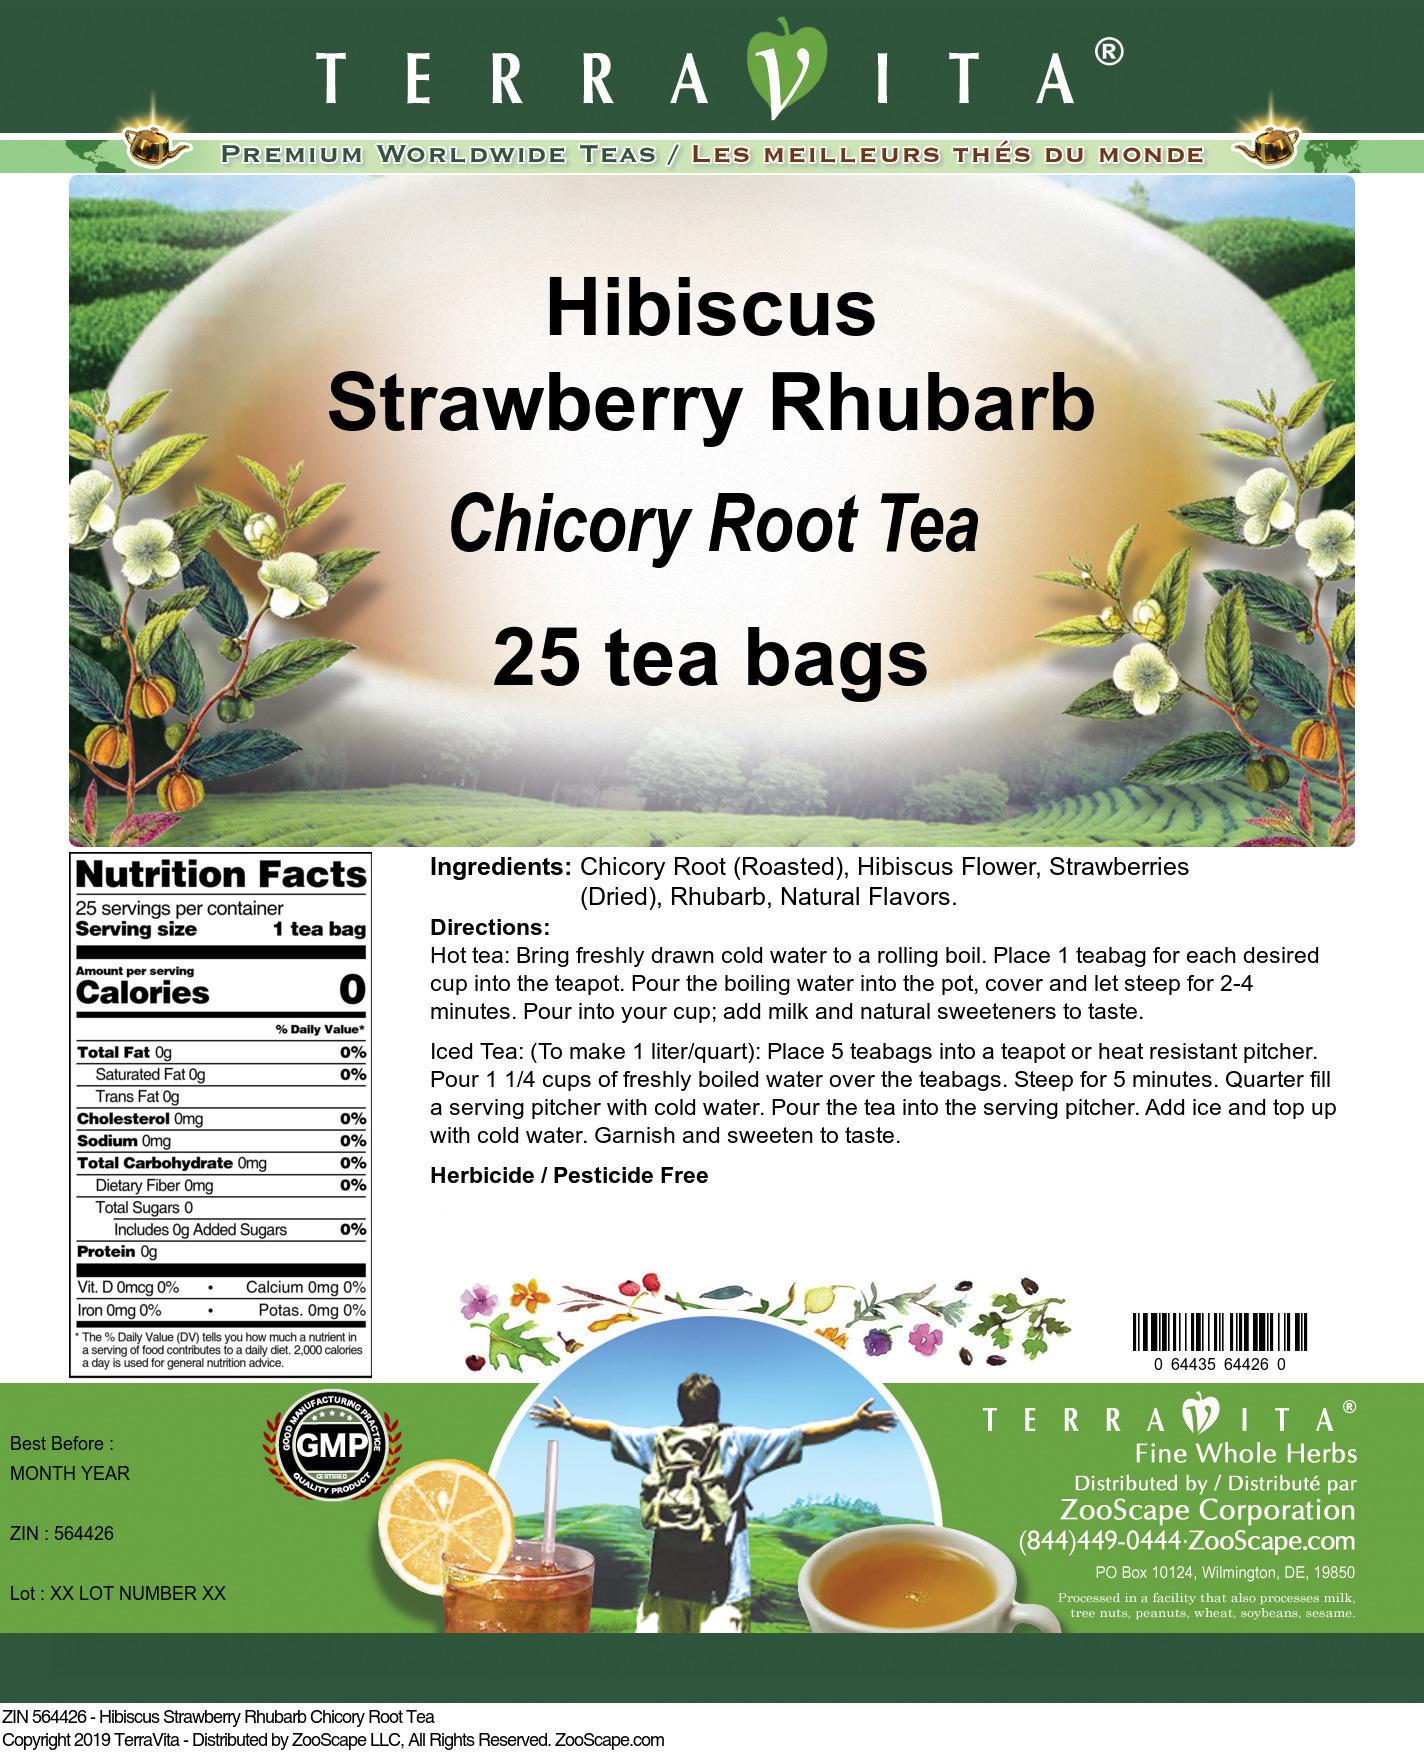 Hibiscus Strawberry Rhubarb Chicory Root